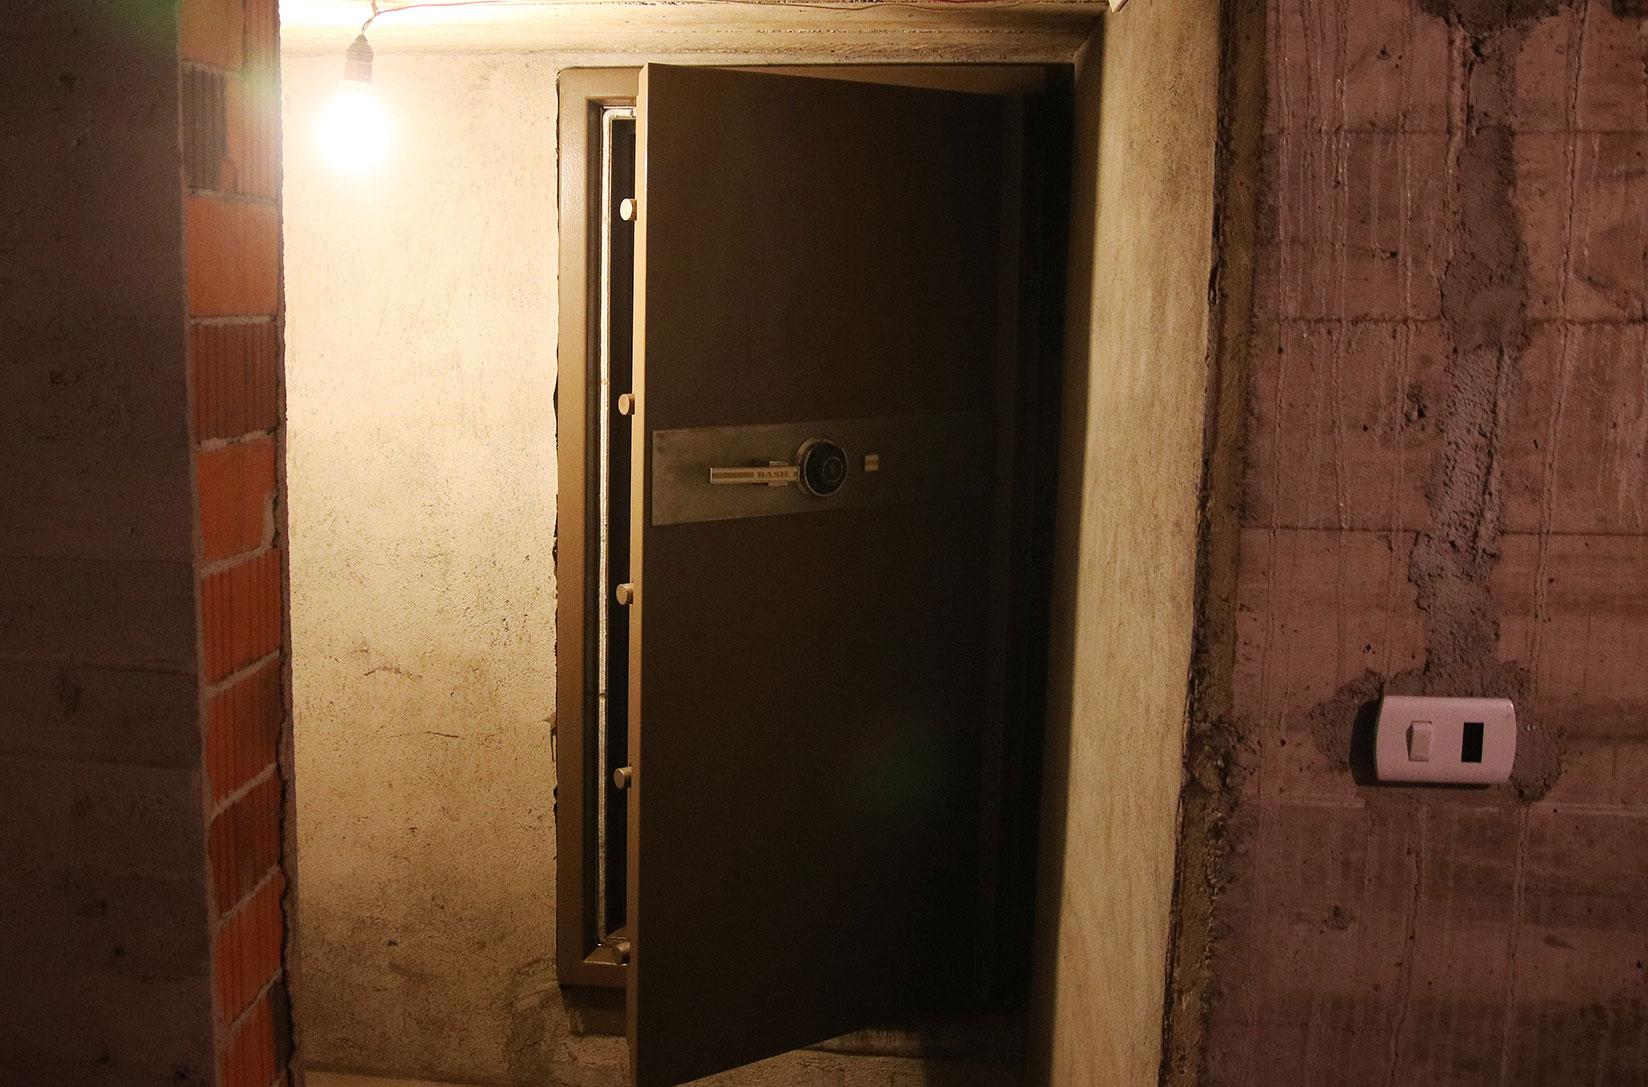 Una de las cajas fuertes subterráneas que se encontraron en Colonia Dignidad